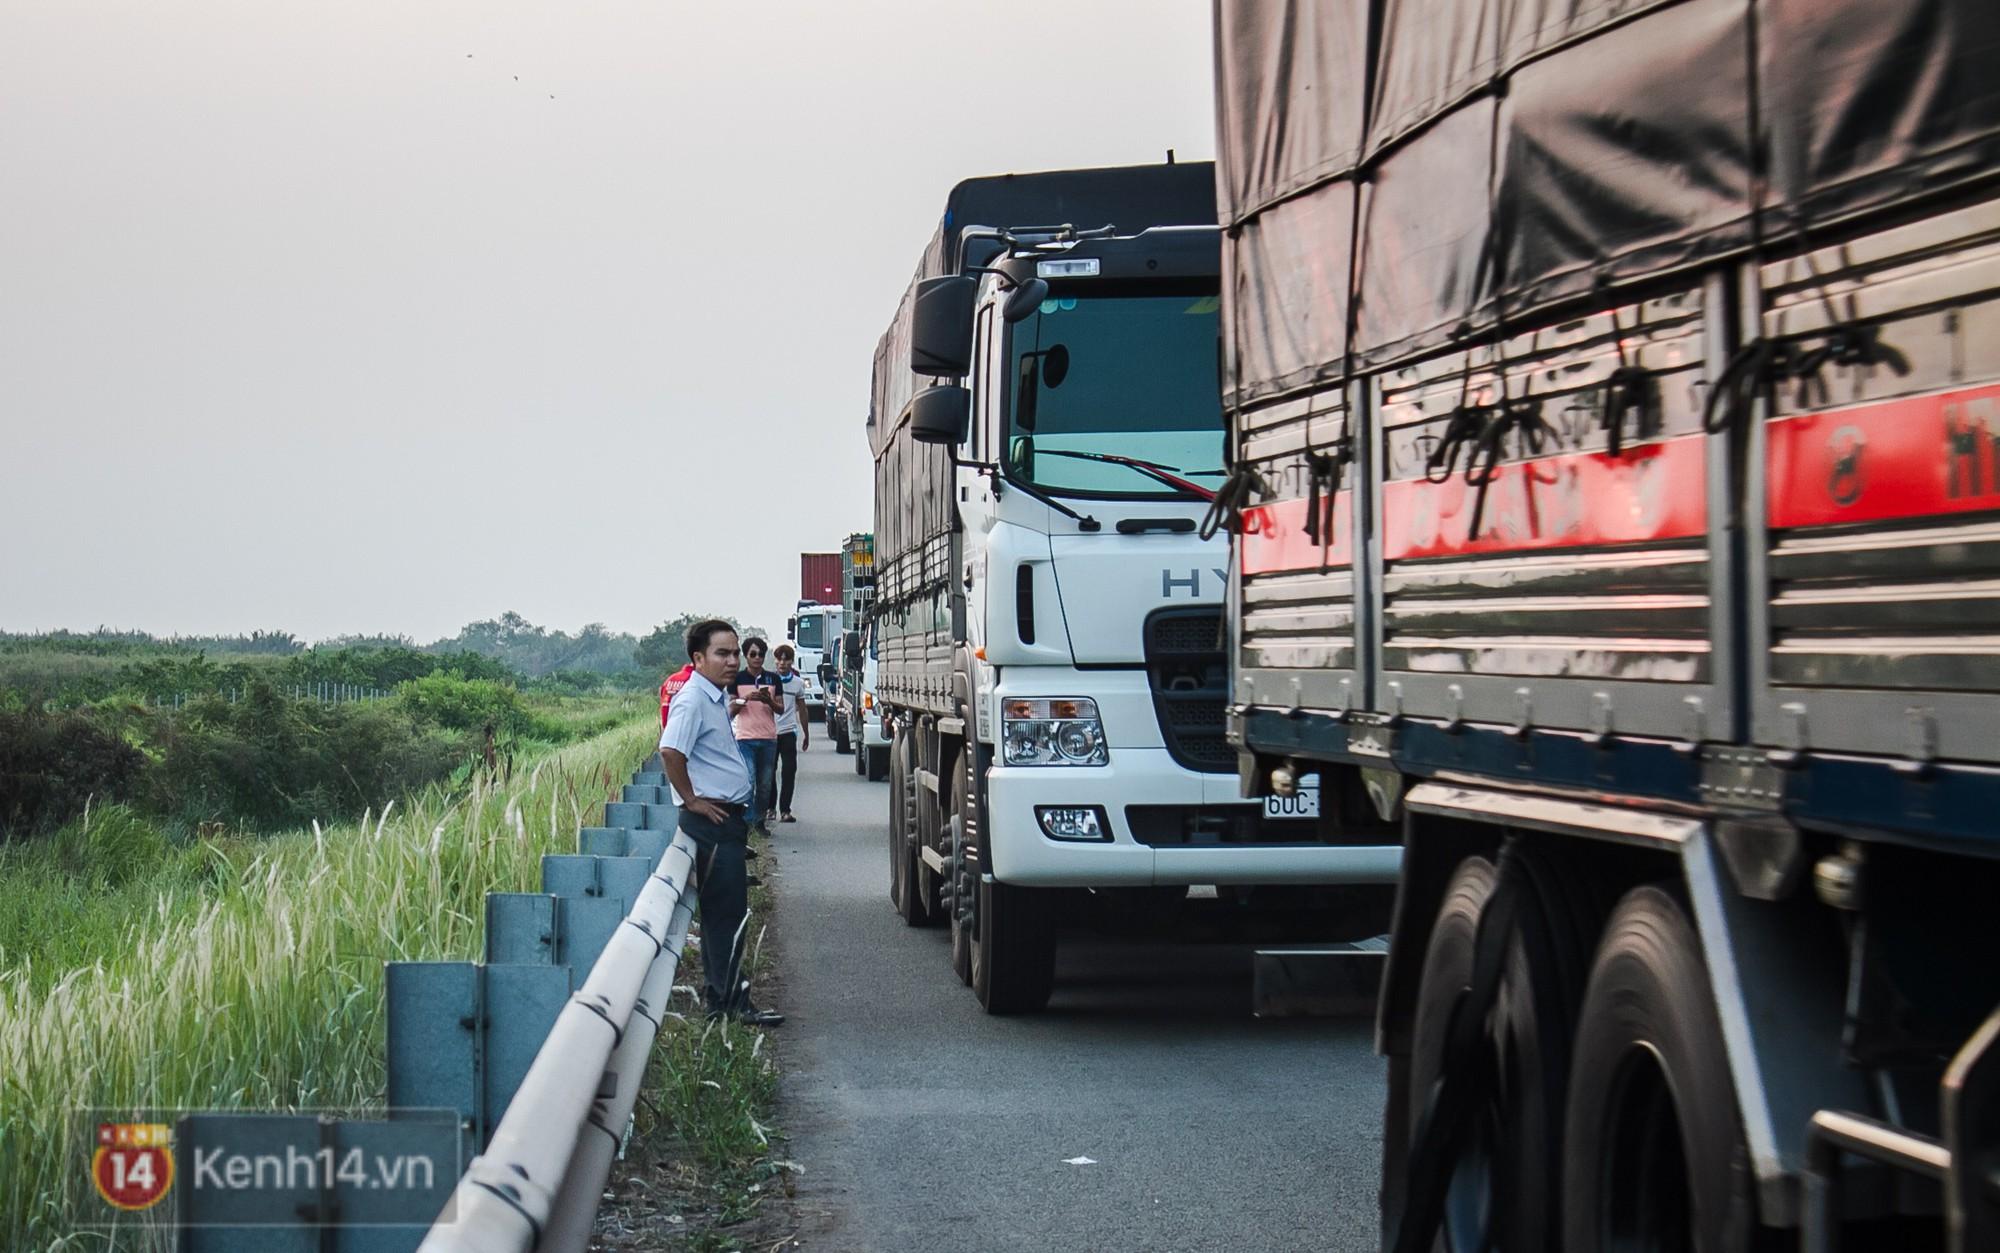 Hành khách ẵm con cuốc bộ trên cao tốc Long Thành sau vụ tai nạn liên hoàn khiến cả tuyến đường kẹt cứng - Ảnh 1.